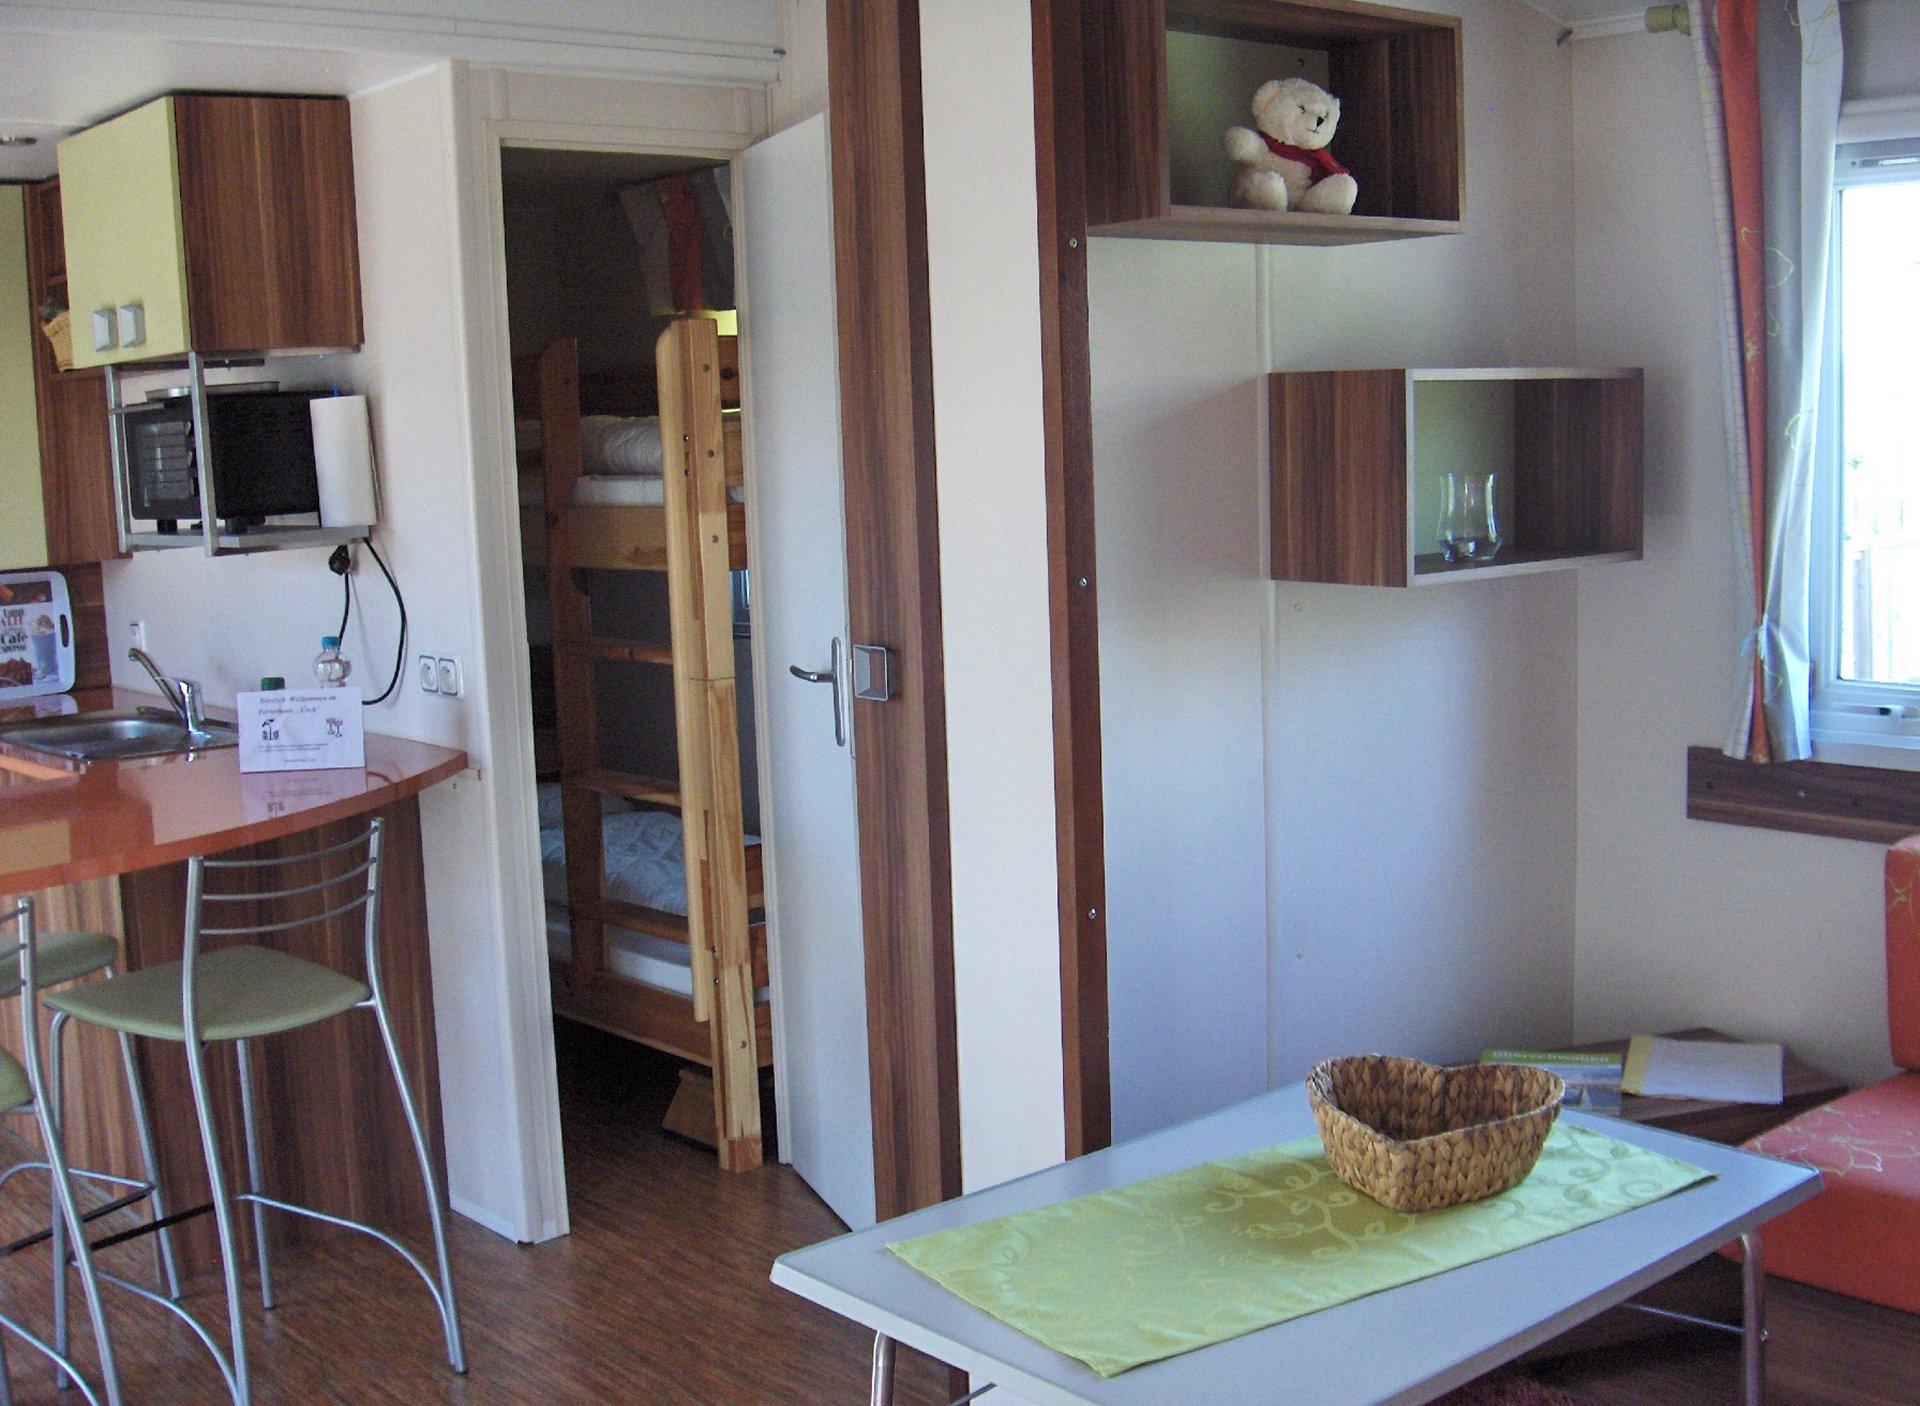 Ferienhaus urch kirchberg a d iller mobilheim mit 30 for Kinderzimmer 30 qm